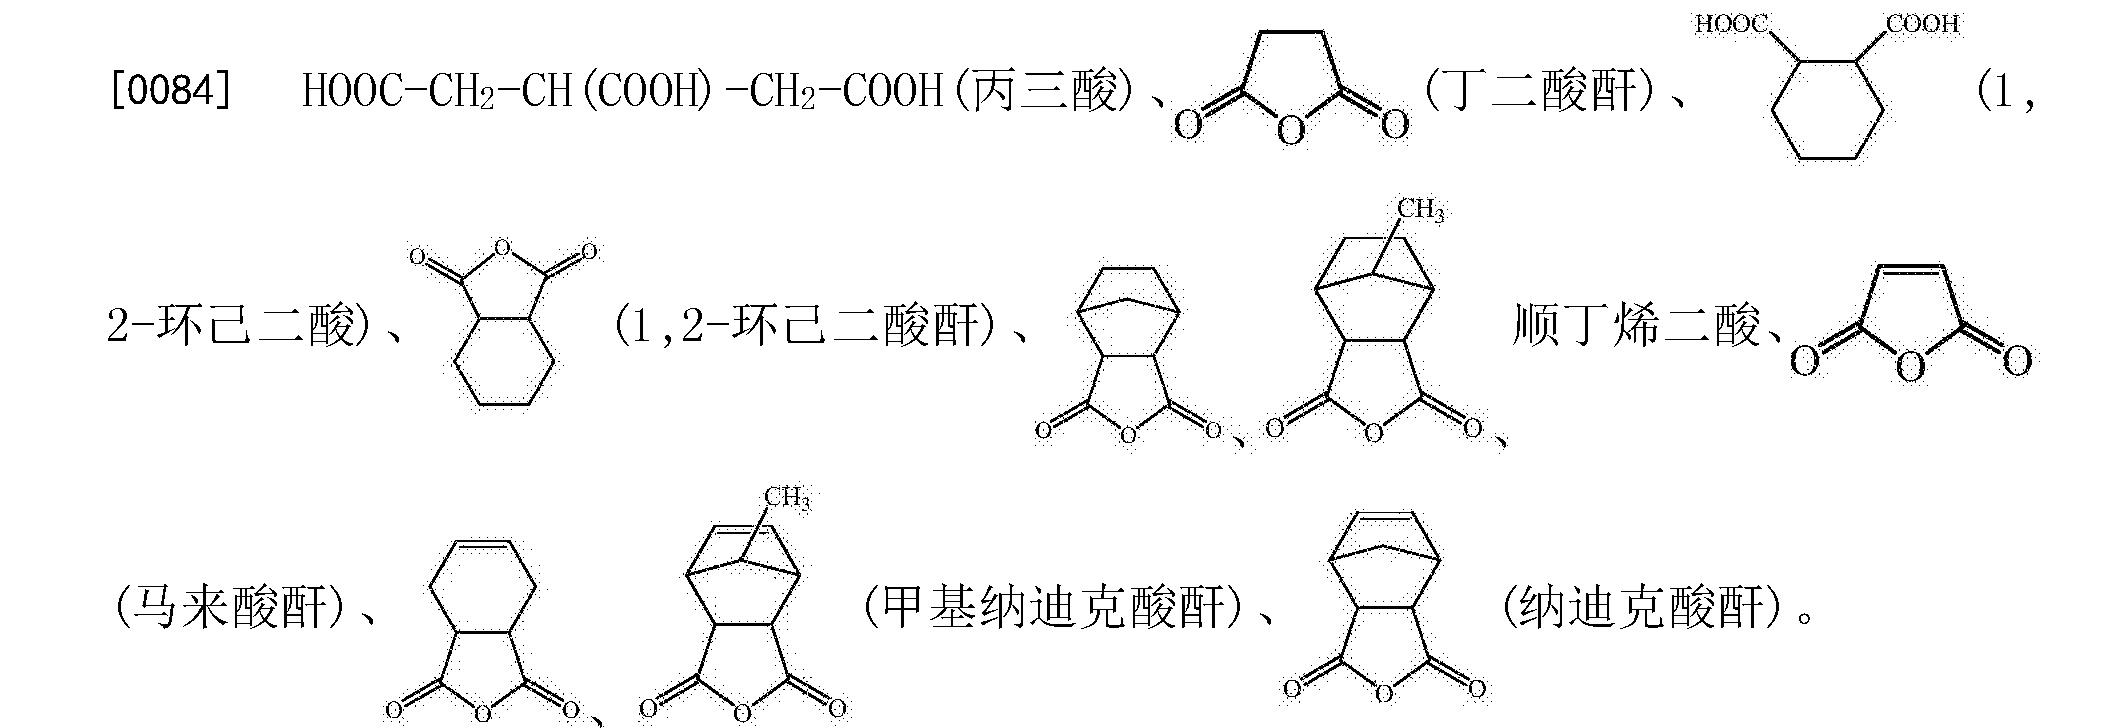 Figure CN106634881BD00161